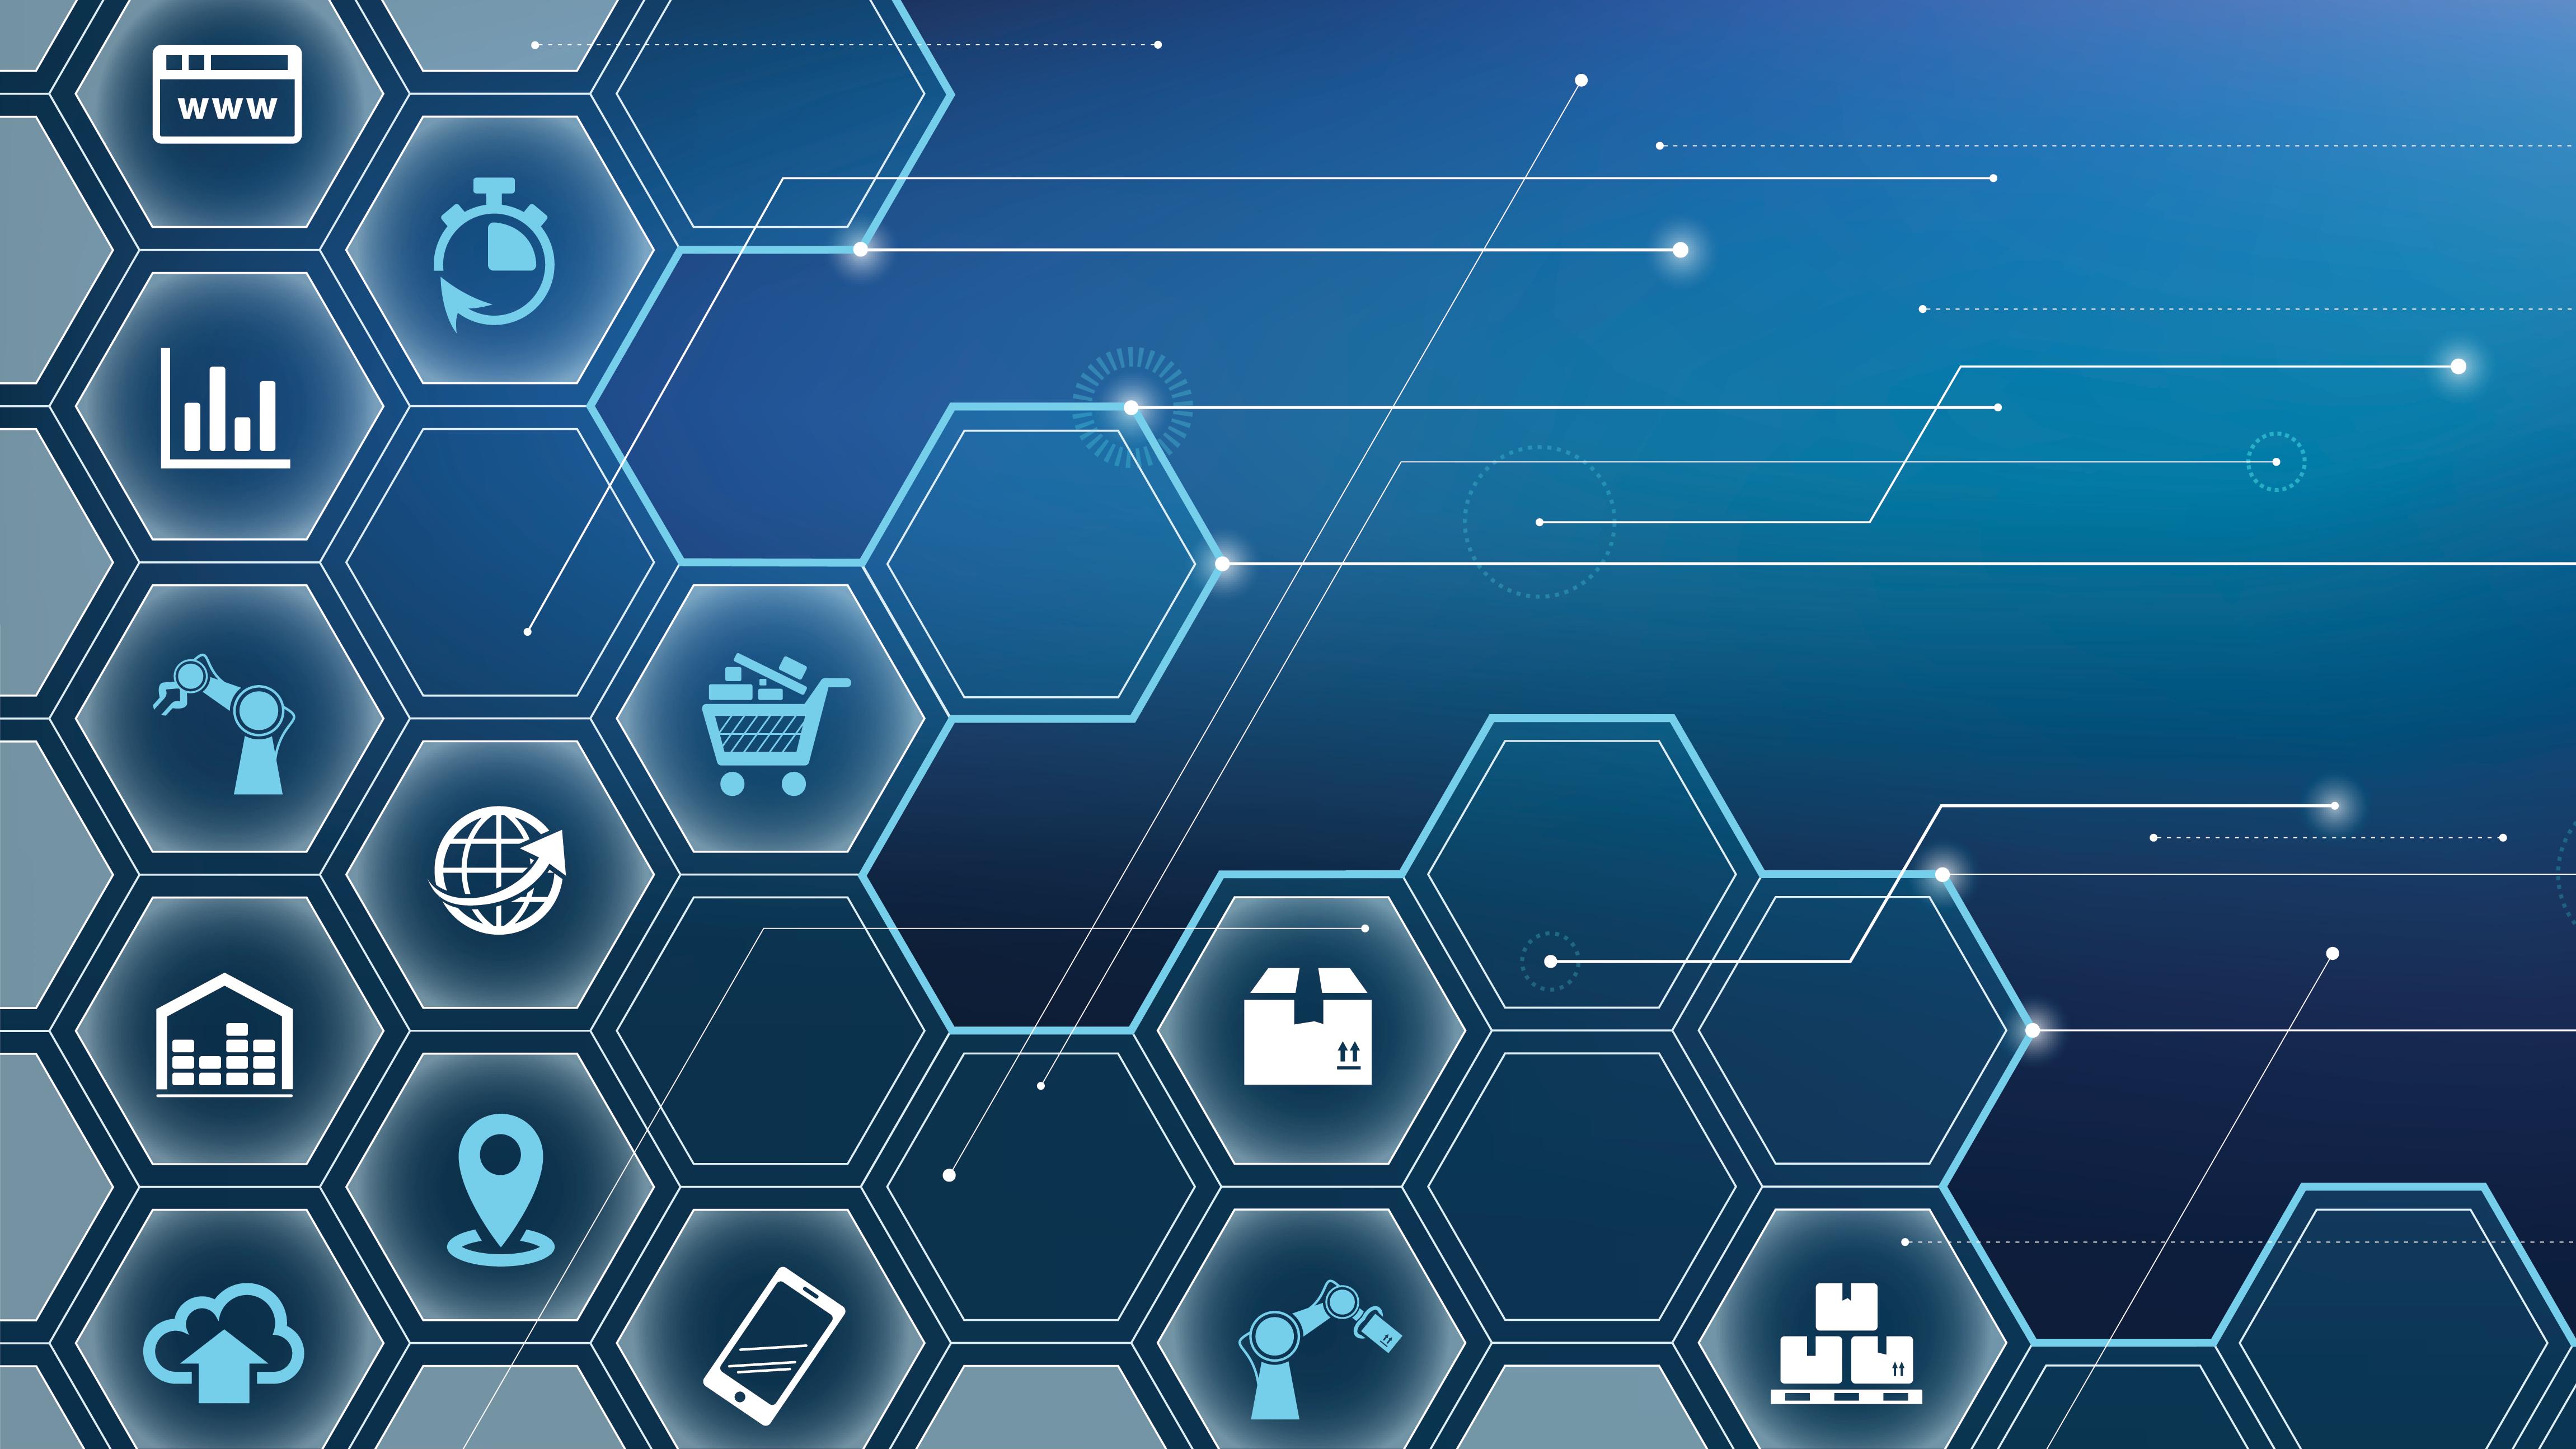 La tecnología blockchain puede traer grandes beneficios a la cadena de suministros, destaca una encuesta a profesionales de la industria